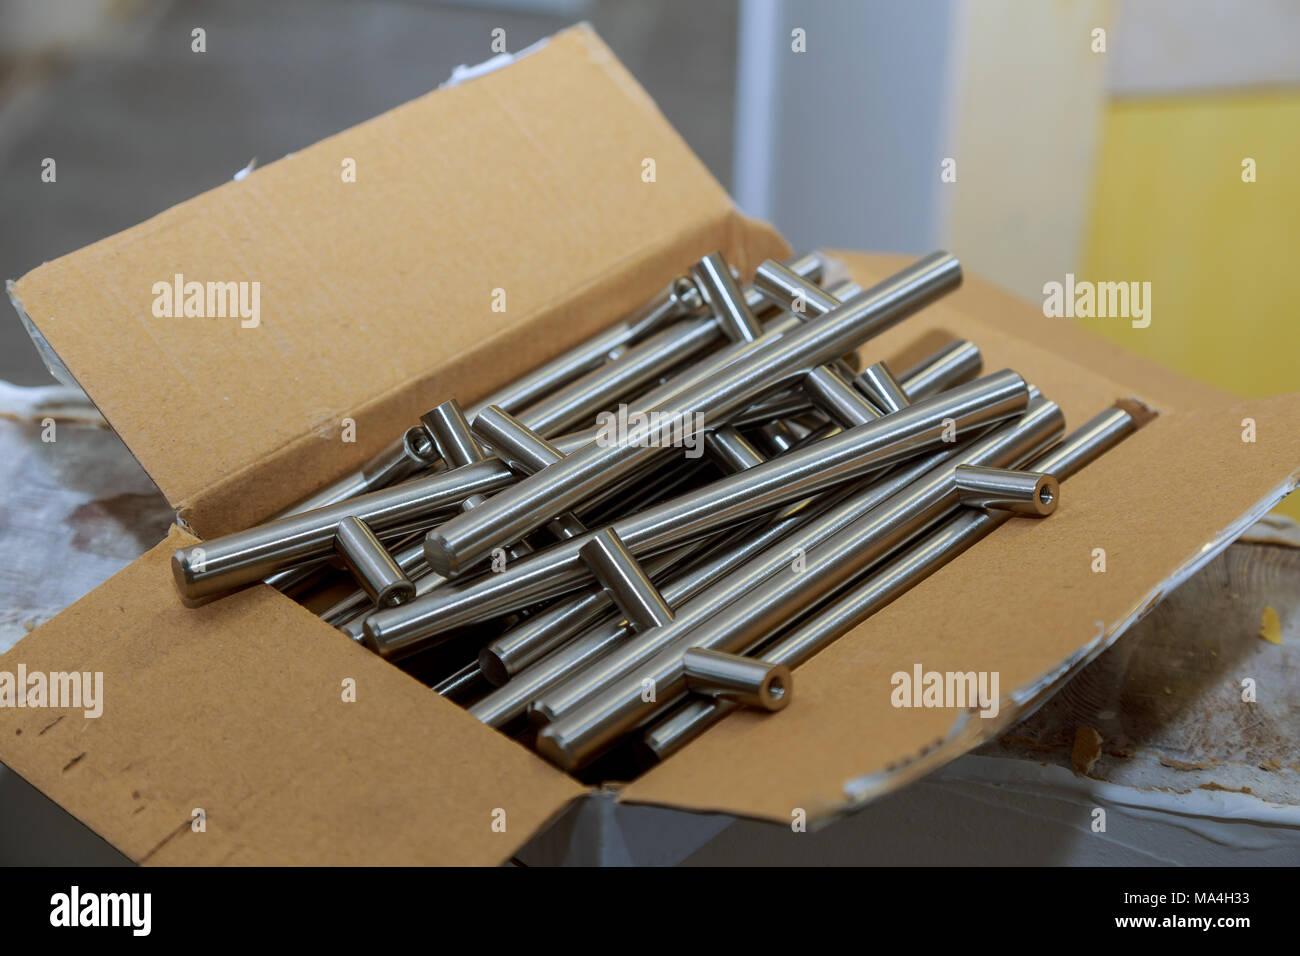 Maniglie X Mobili Da Cucina mobili porta manici e maniglie per mobili da cucina foto